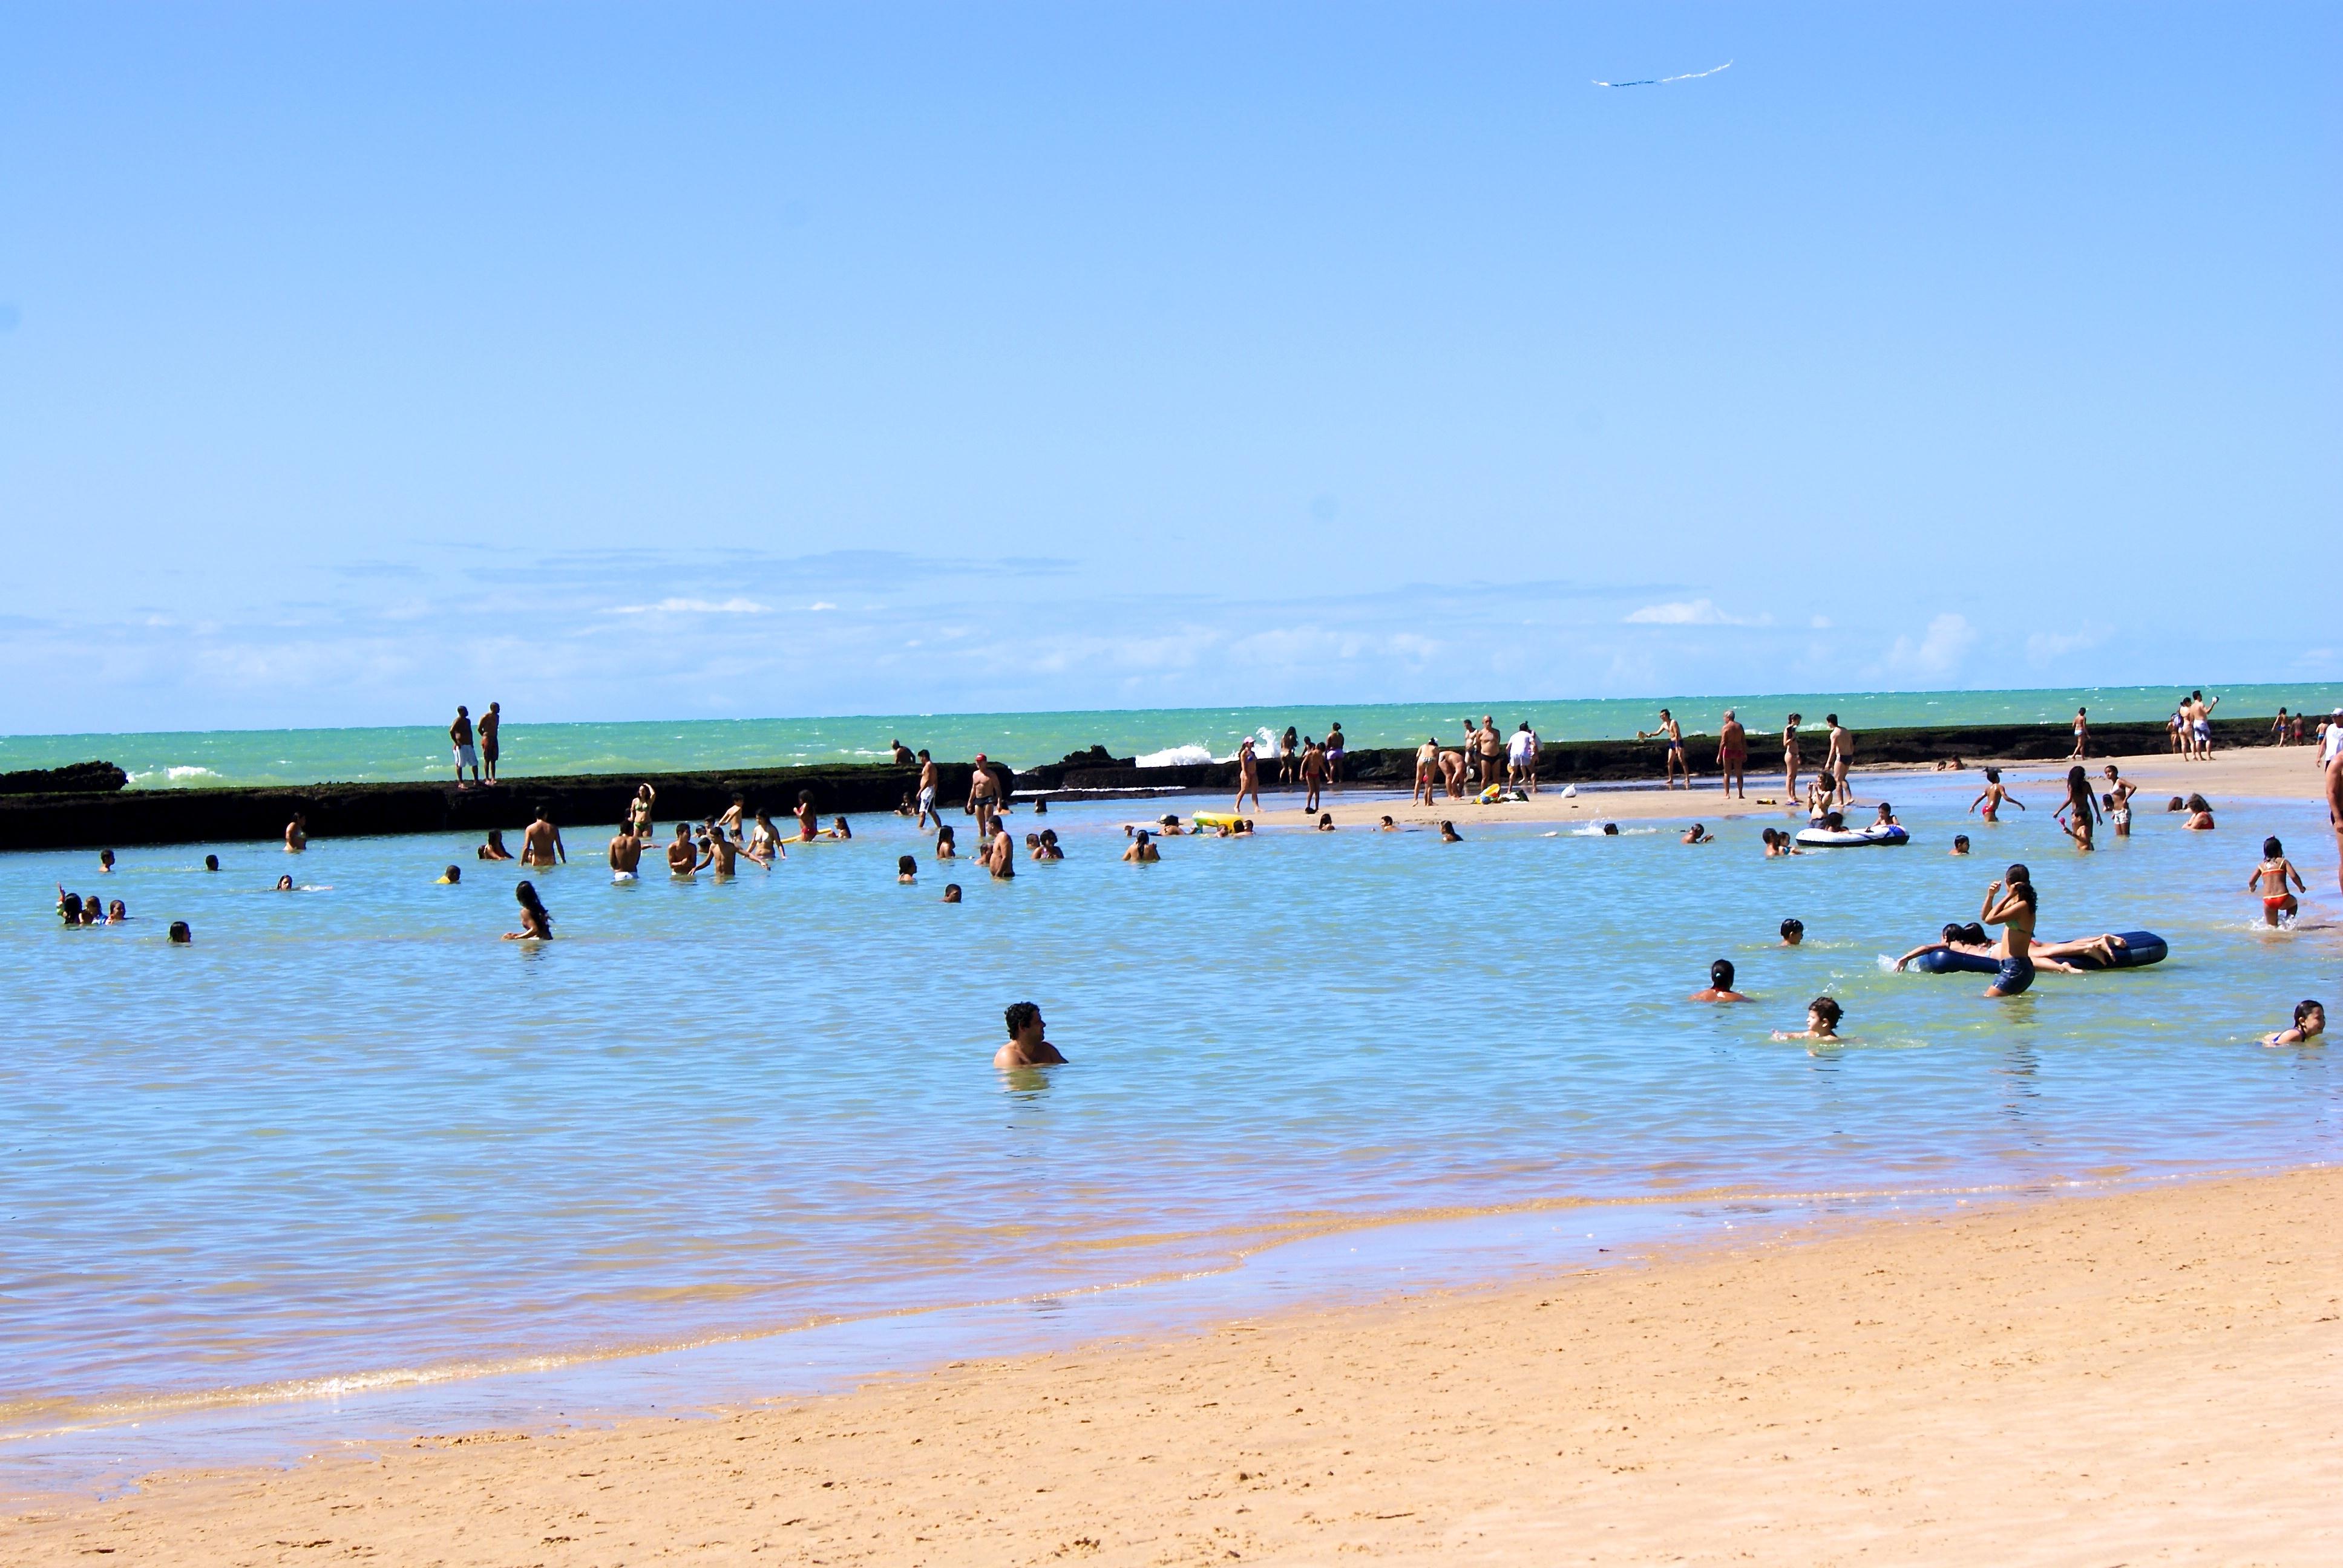 Excepcional File:Barreira de recifes da Praia de Boa Viagem - Recife  US66